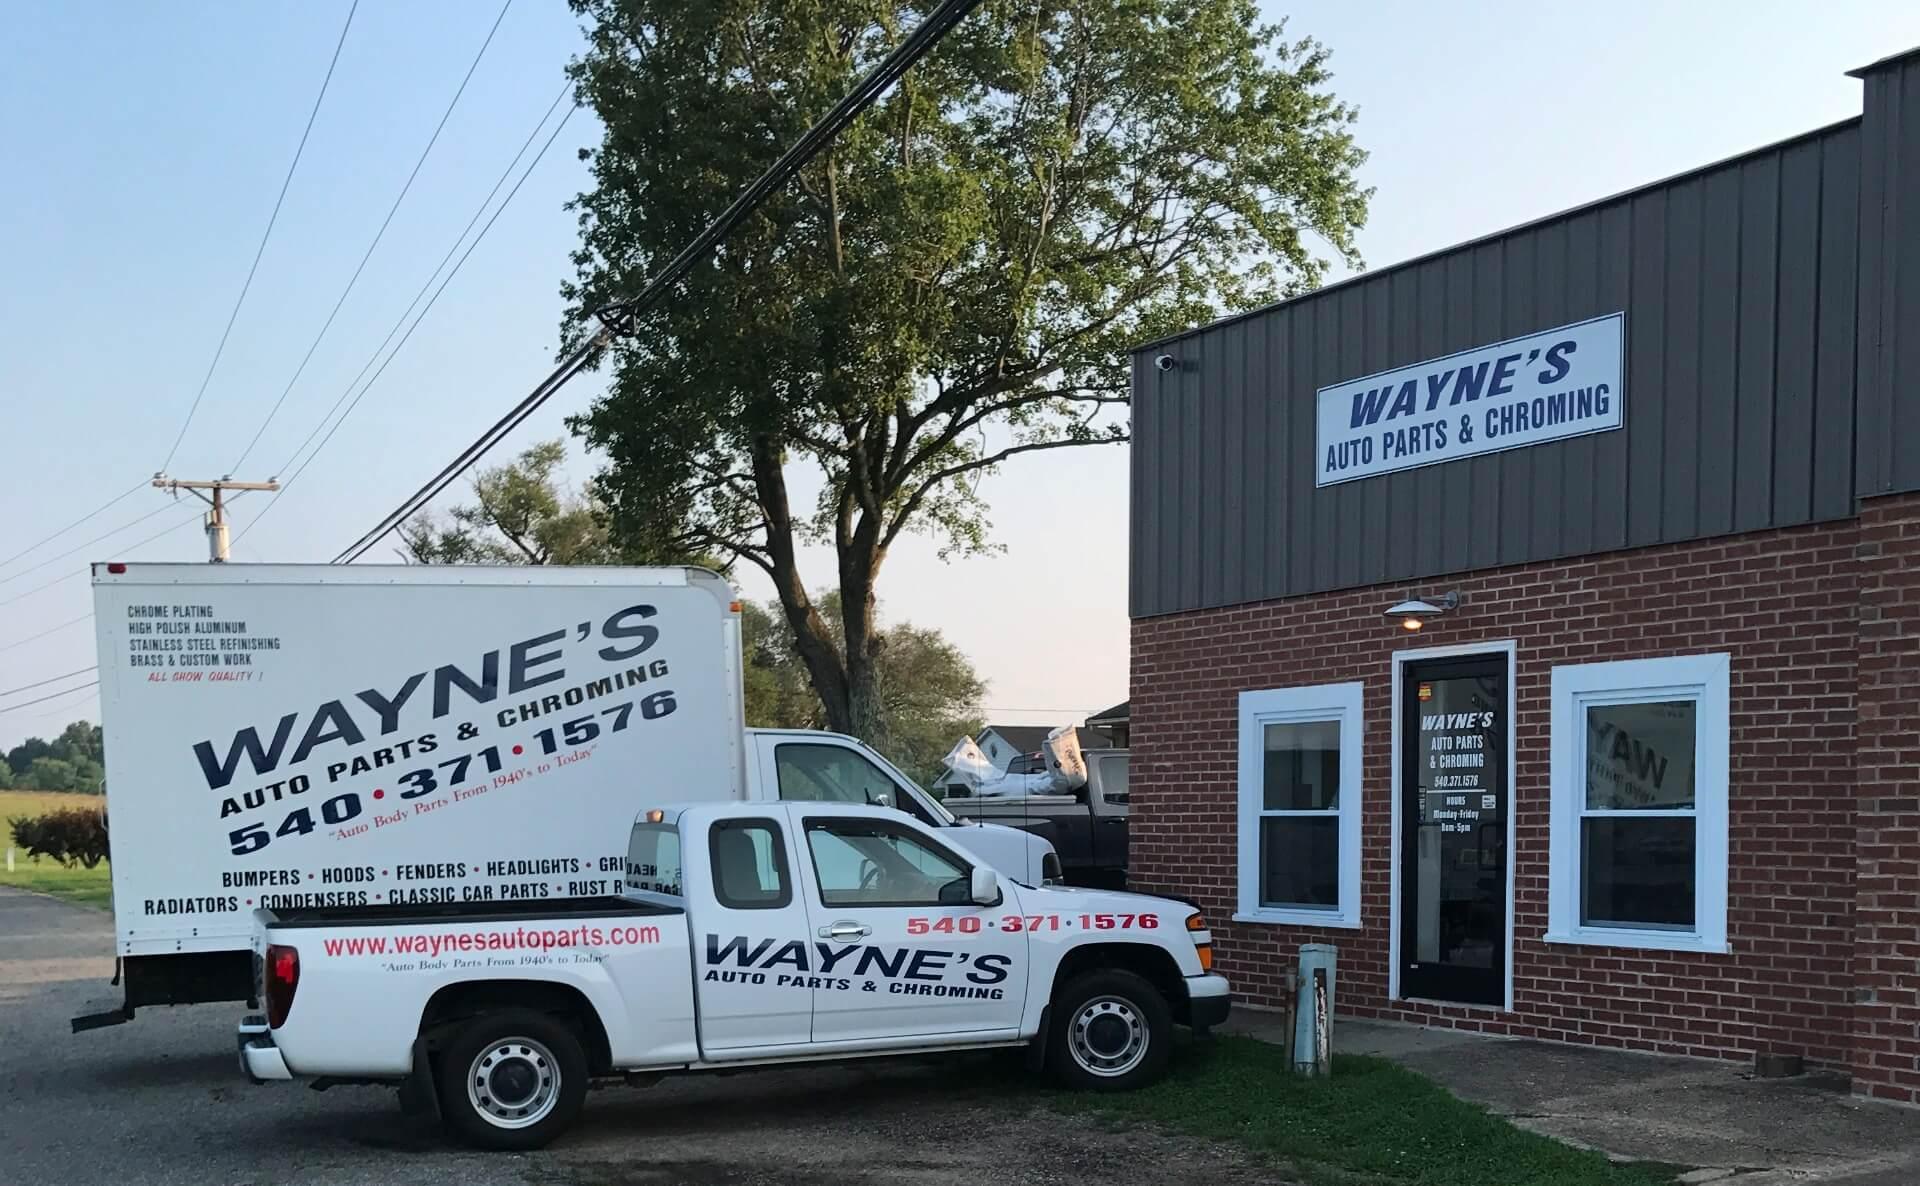 Wayne's Auto Parts | About us